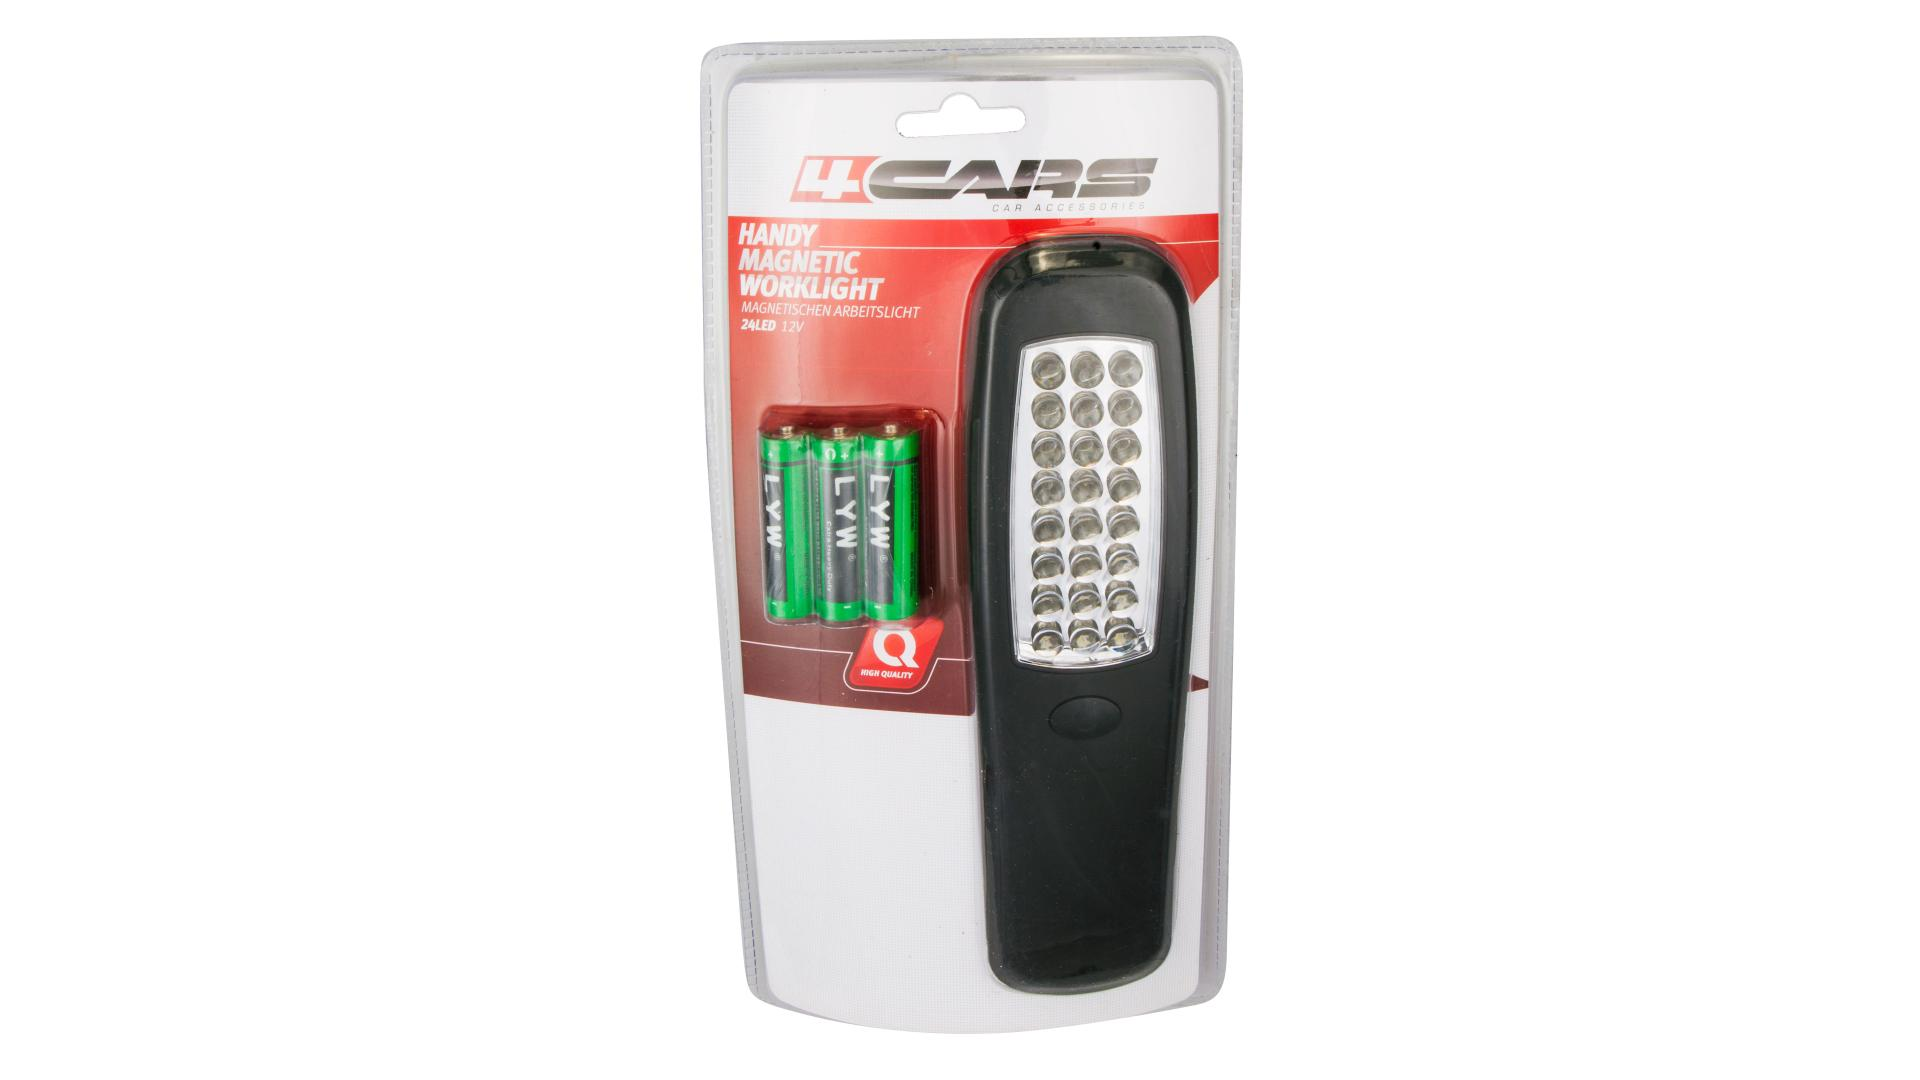 4CARS Pracovní lampa 24 LED handy